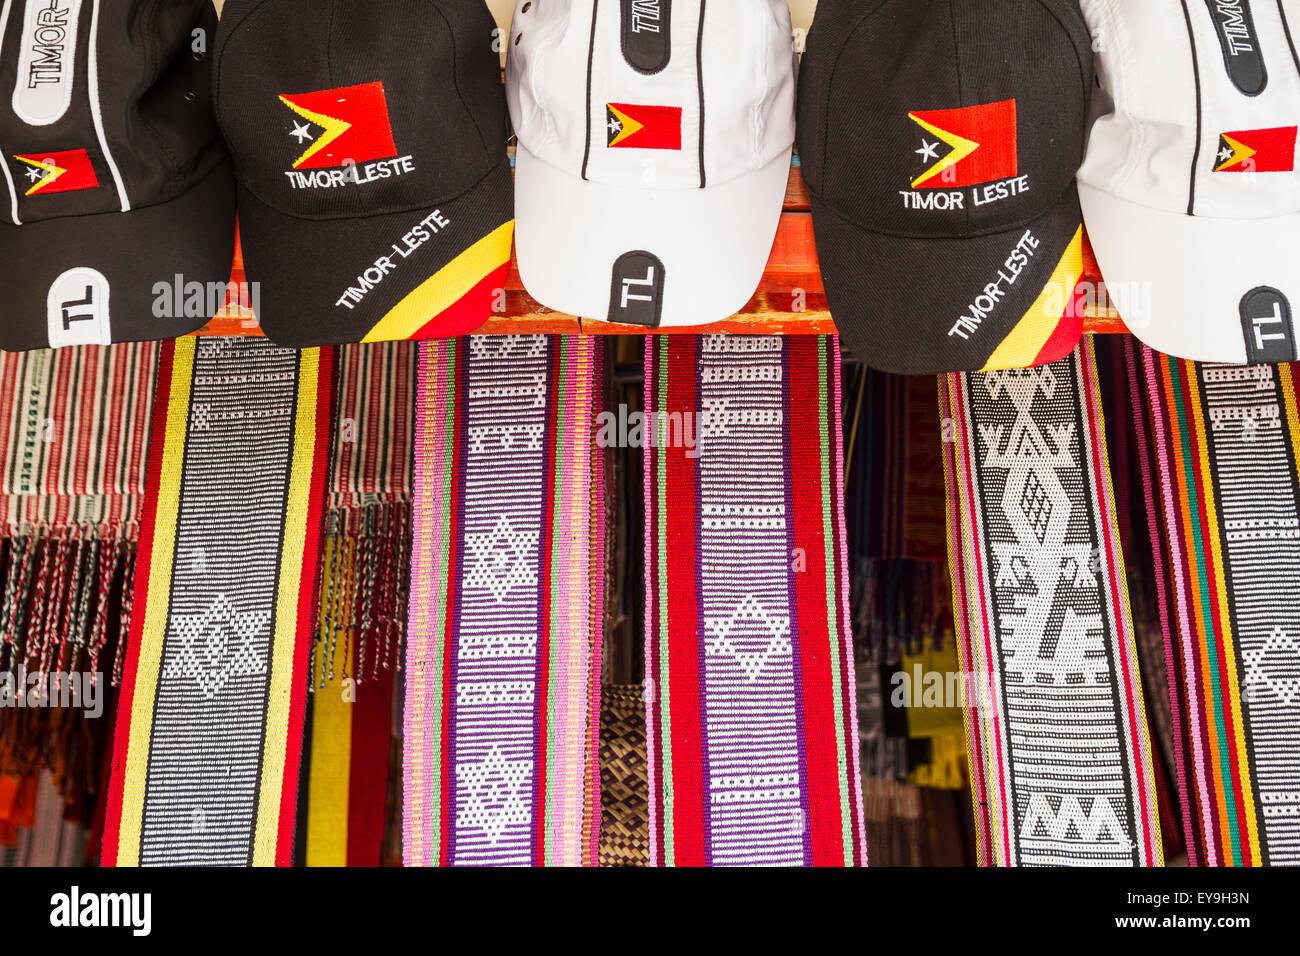 Chapeaux et textiles timorais à vendre à Dili Tais marché; à Dili, au Timor oriental Banque D'Images